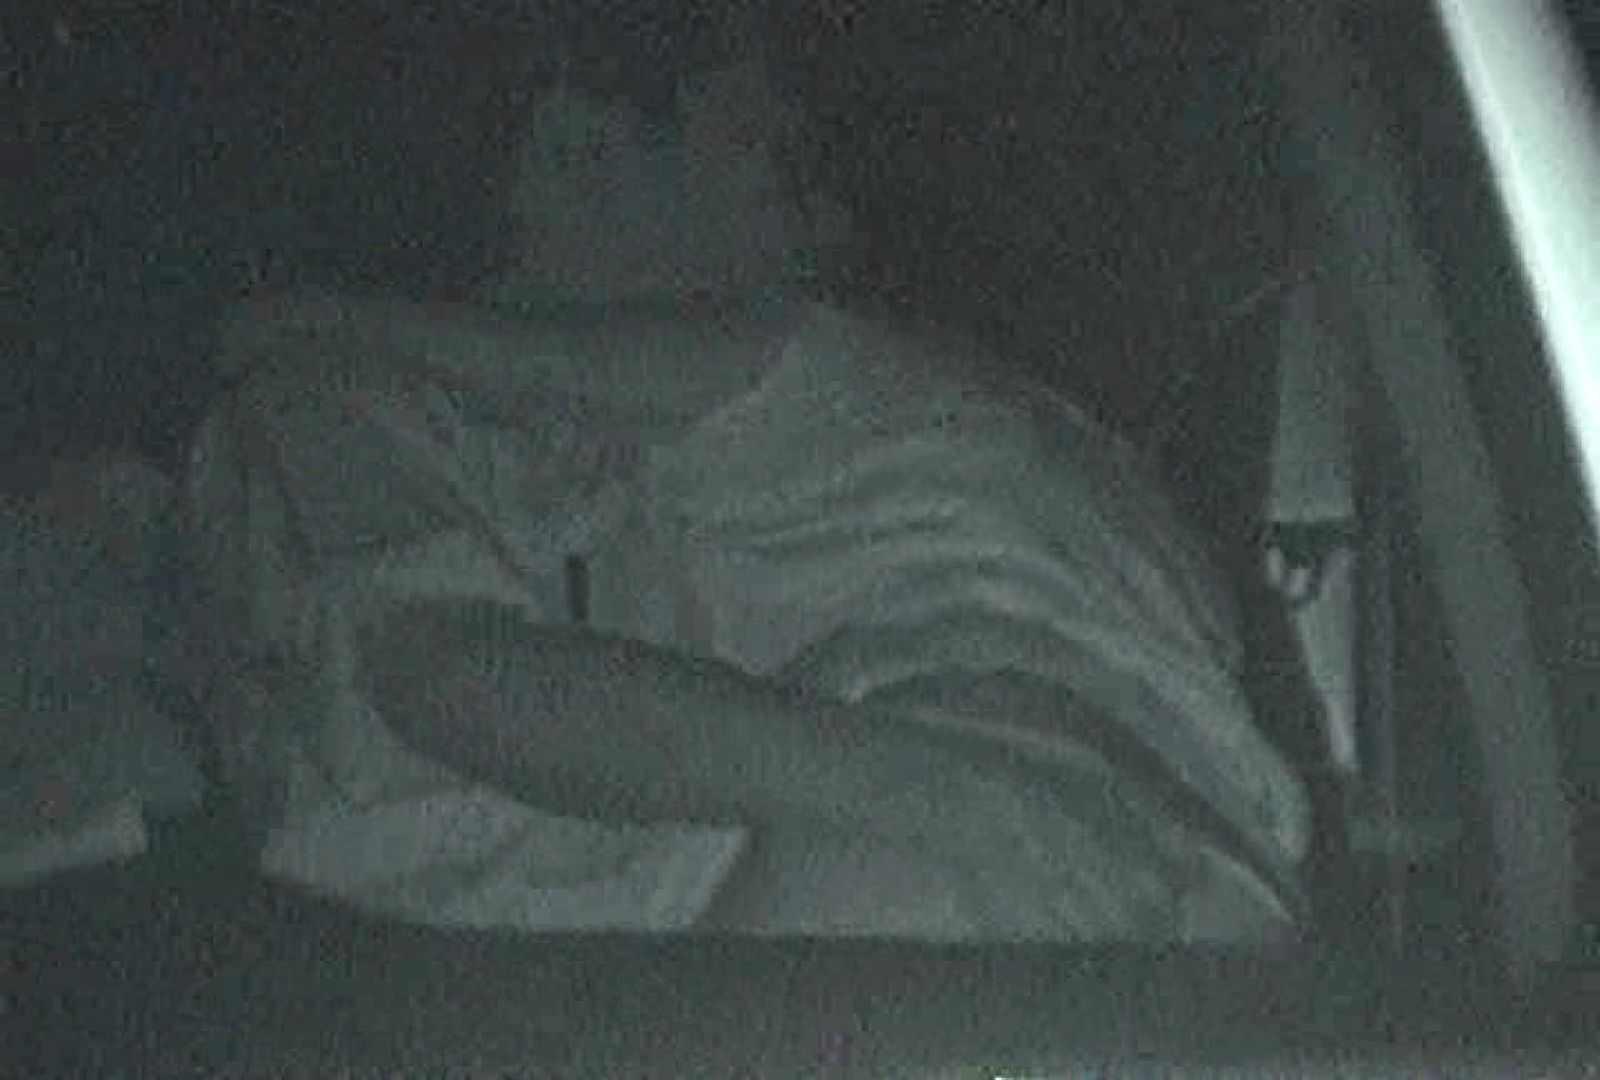 充血監督の深夜の運動会Vol.69 お姉さんのエッチ オメコ無修正動画無料 93PIX 74